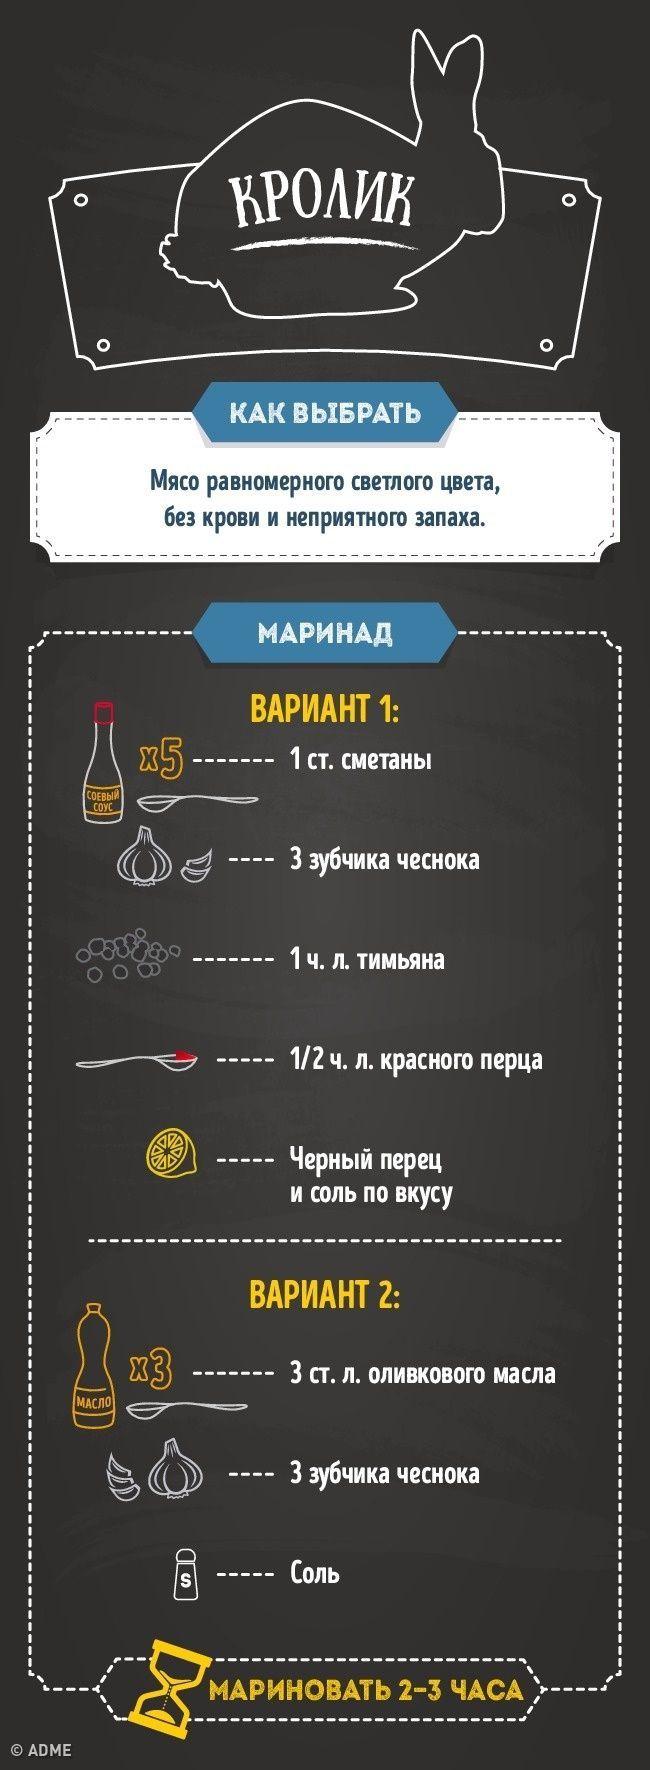 Гид по приготовлению идеального мяса. Обсуждение на LiveInternet - Российский Сервис Онлайн-Дневников